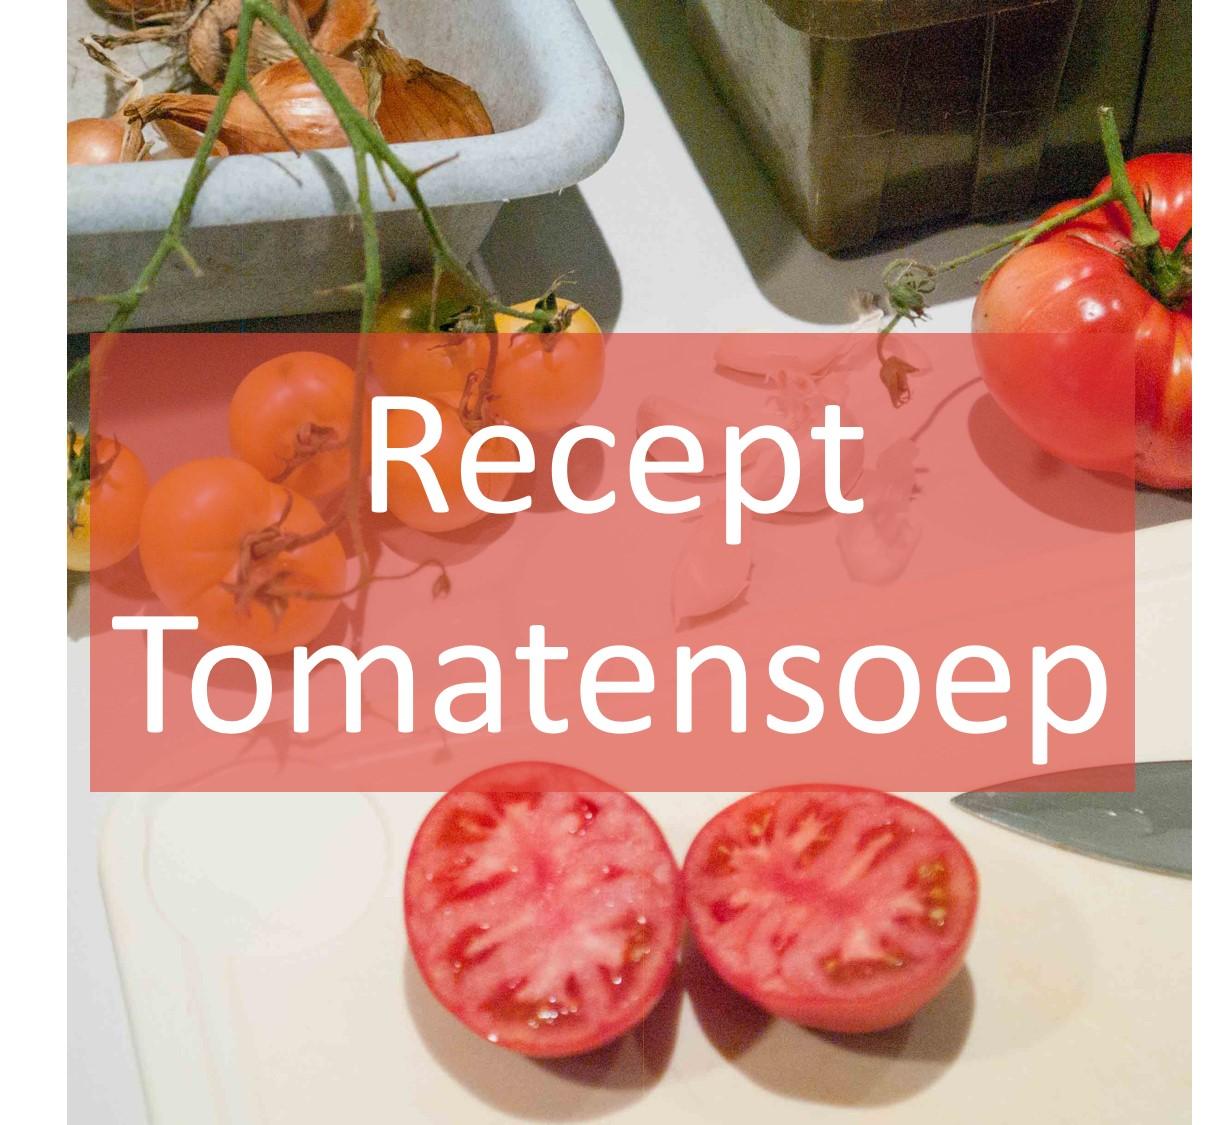 tomatensoep recept zelf maken moestuin volkstuin